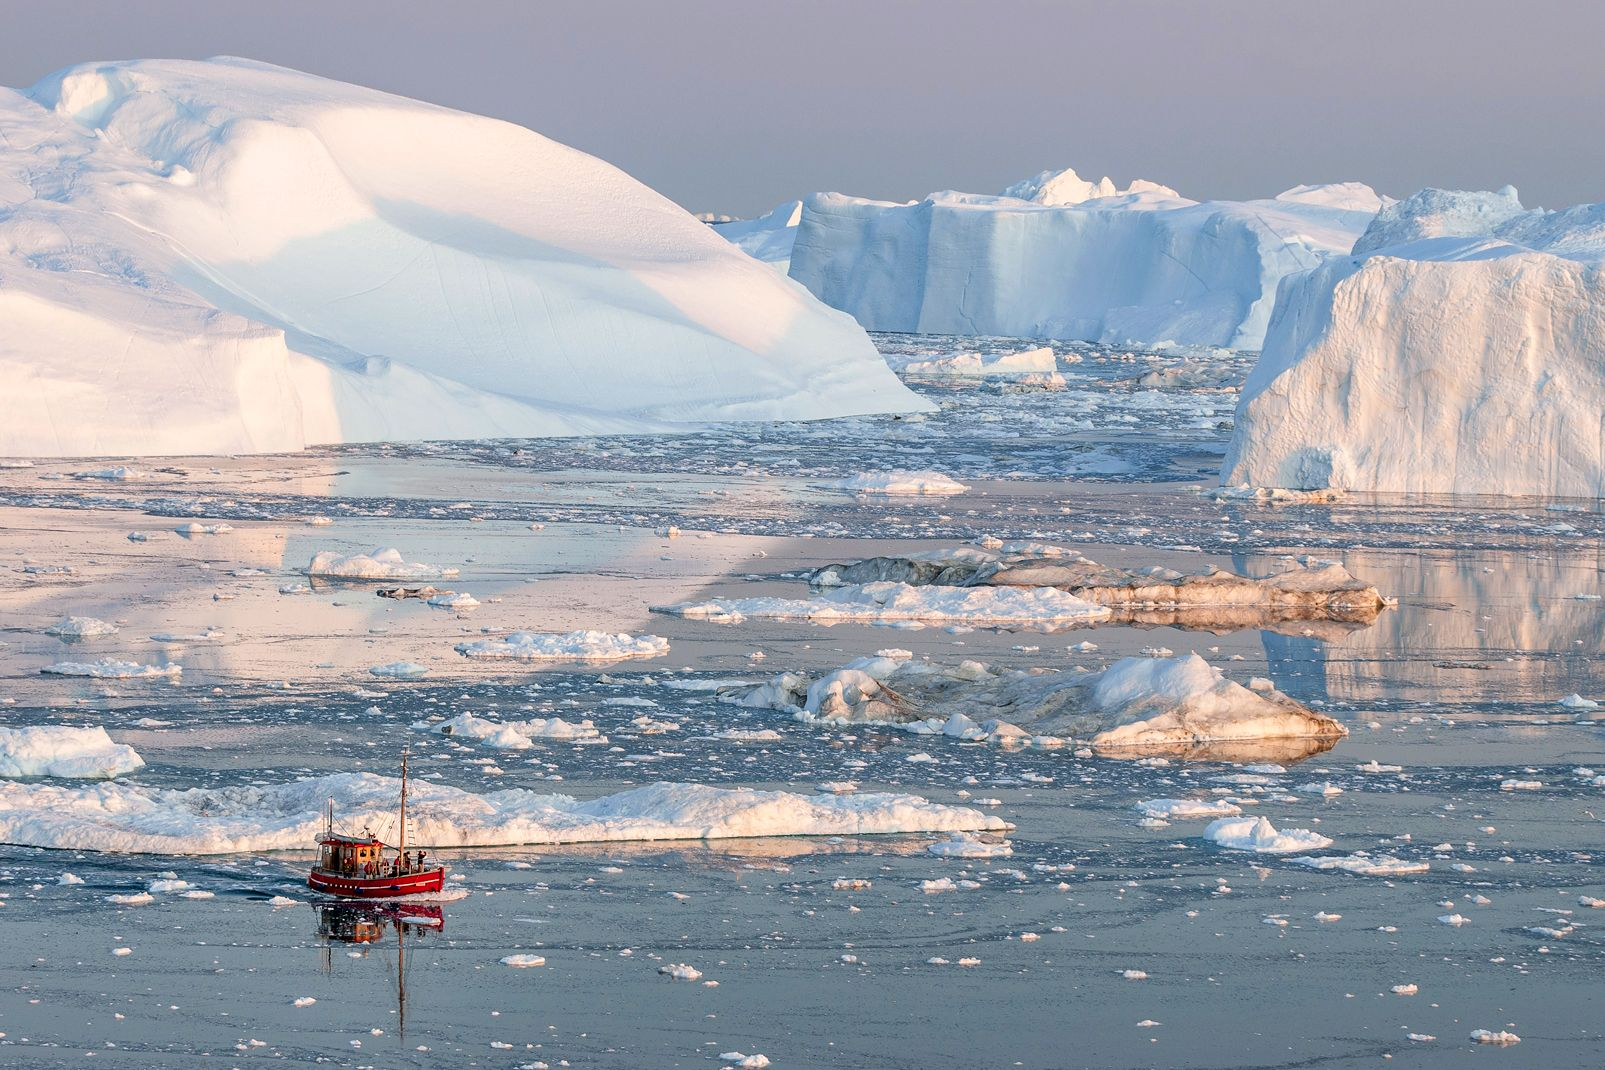 Amerique, groenland, neige, iceberg, bateau, glace